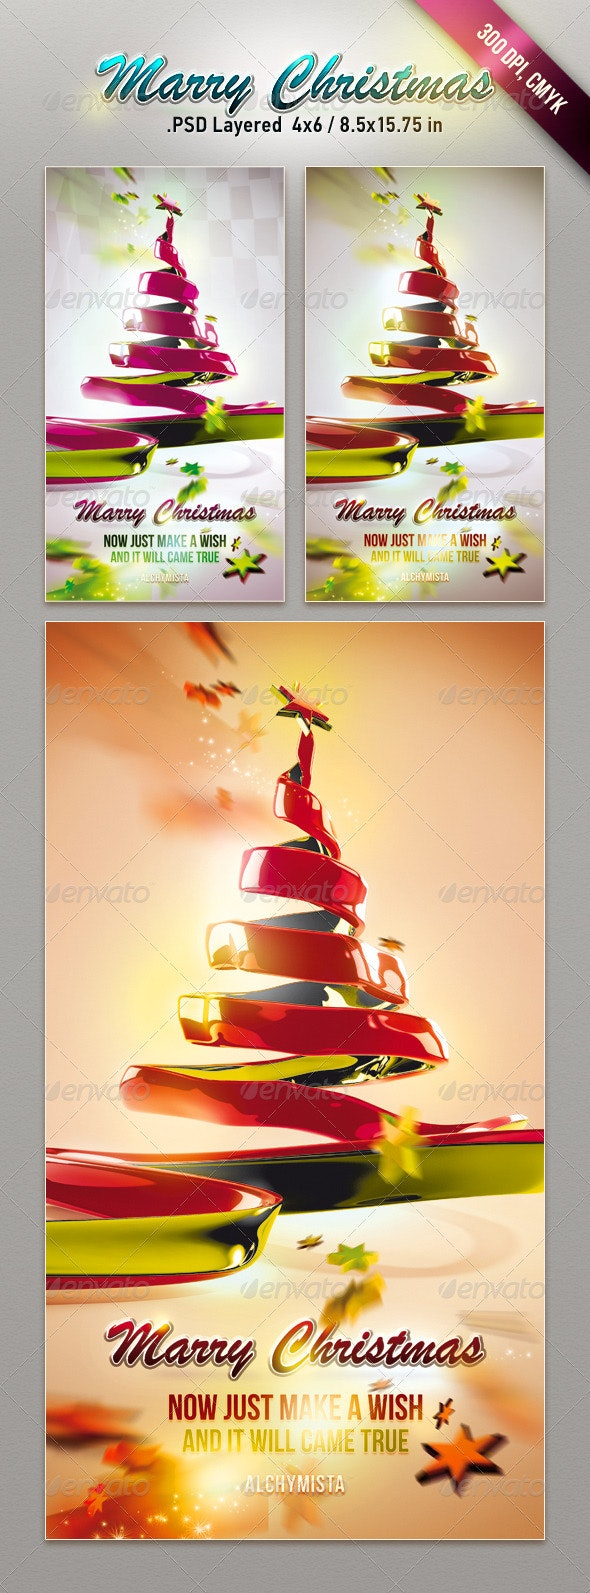 Christmas Ribbon Tree - Holiday Greeting Cards